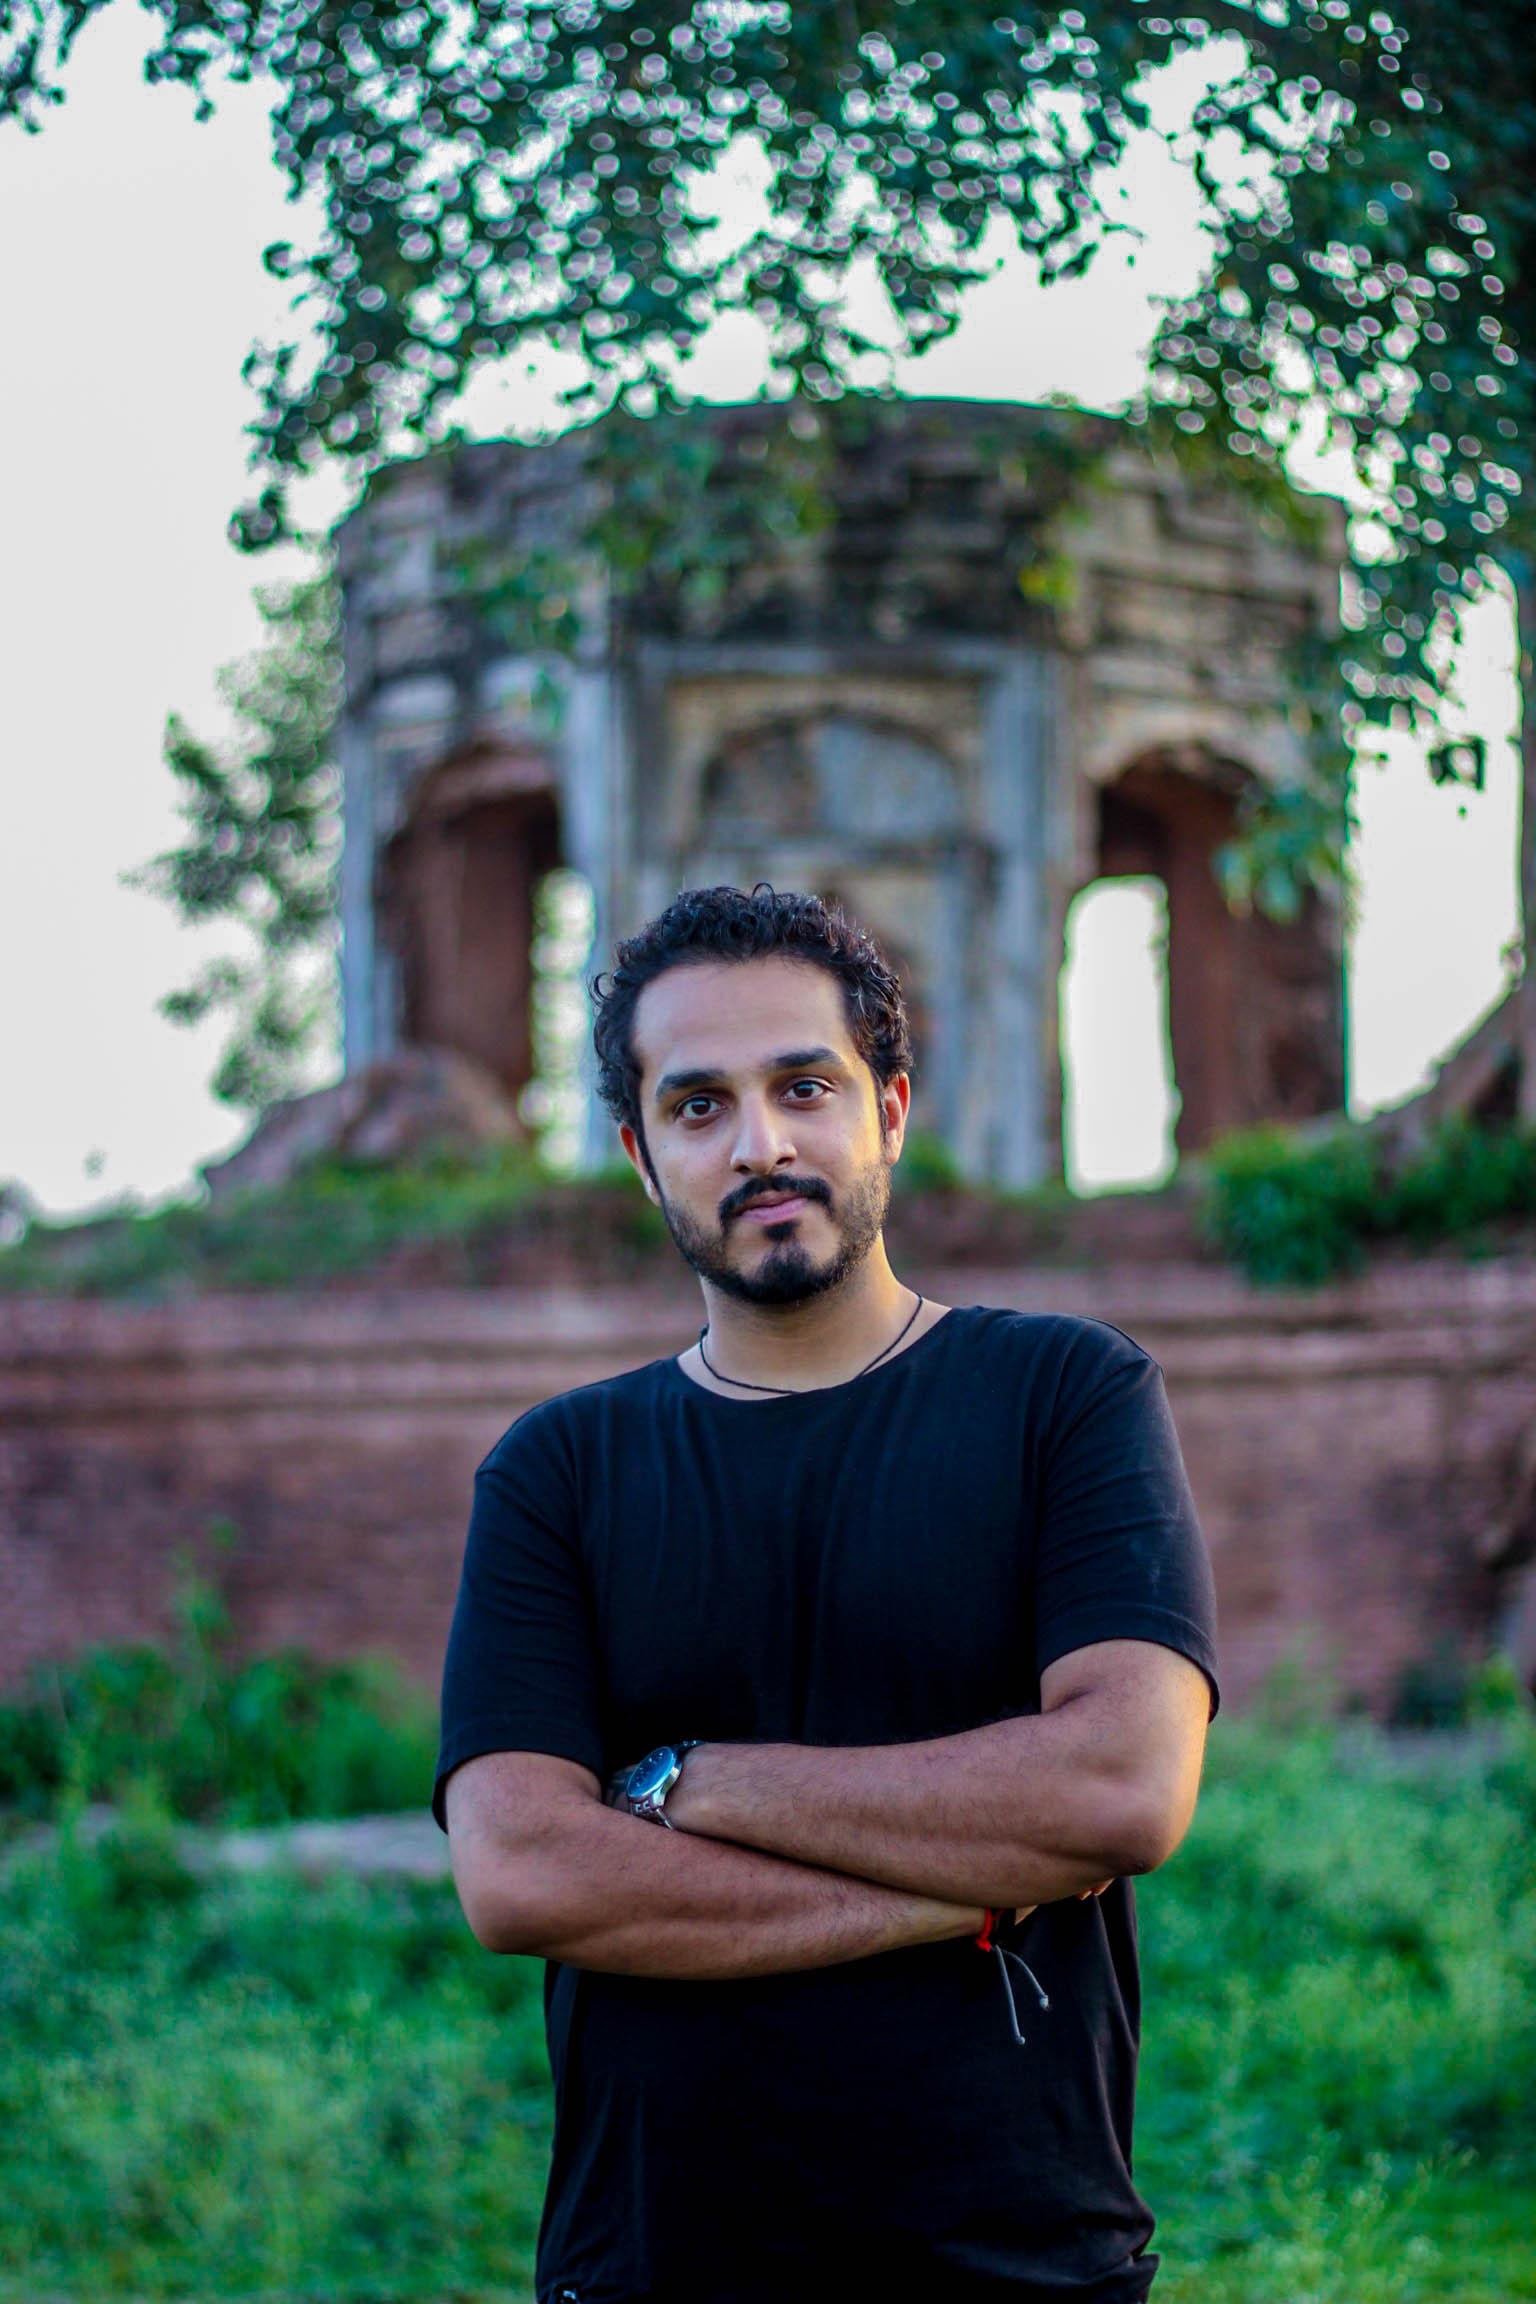 Haroon Khalid. Image credit: Danish Ali Latif